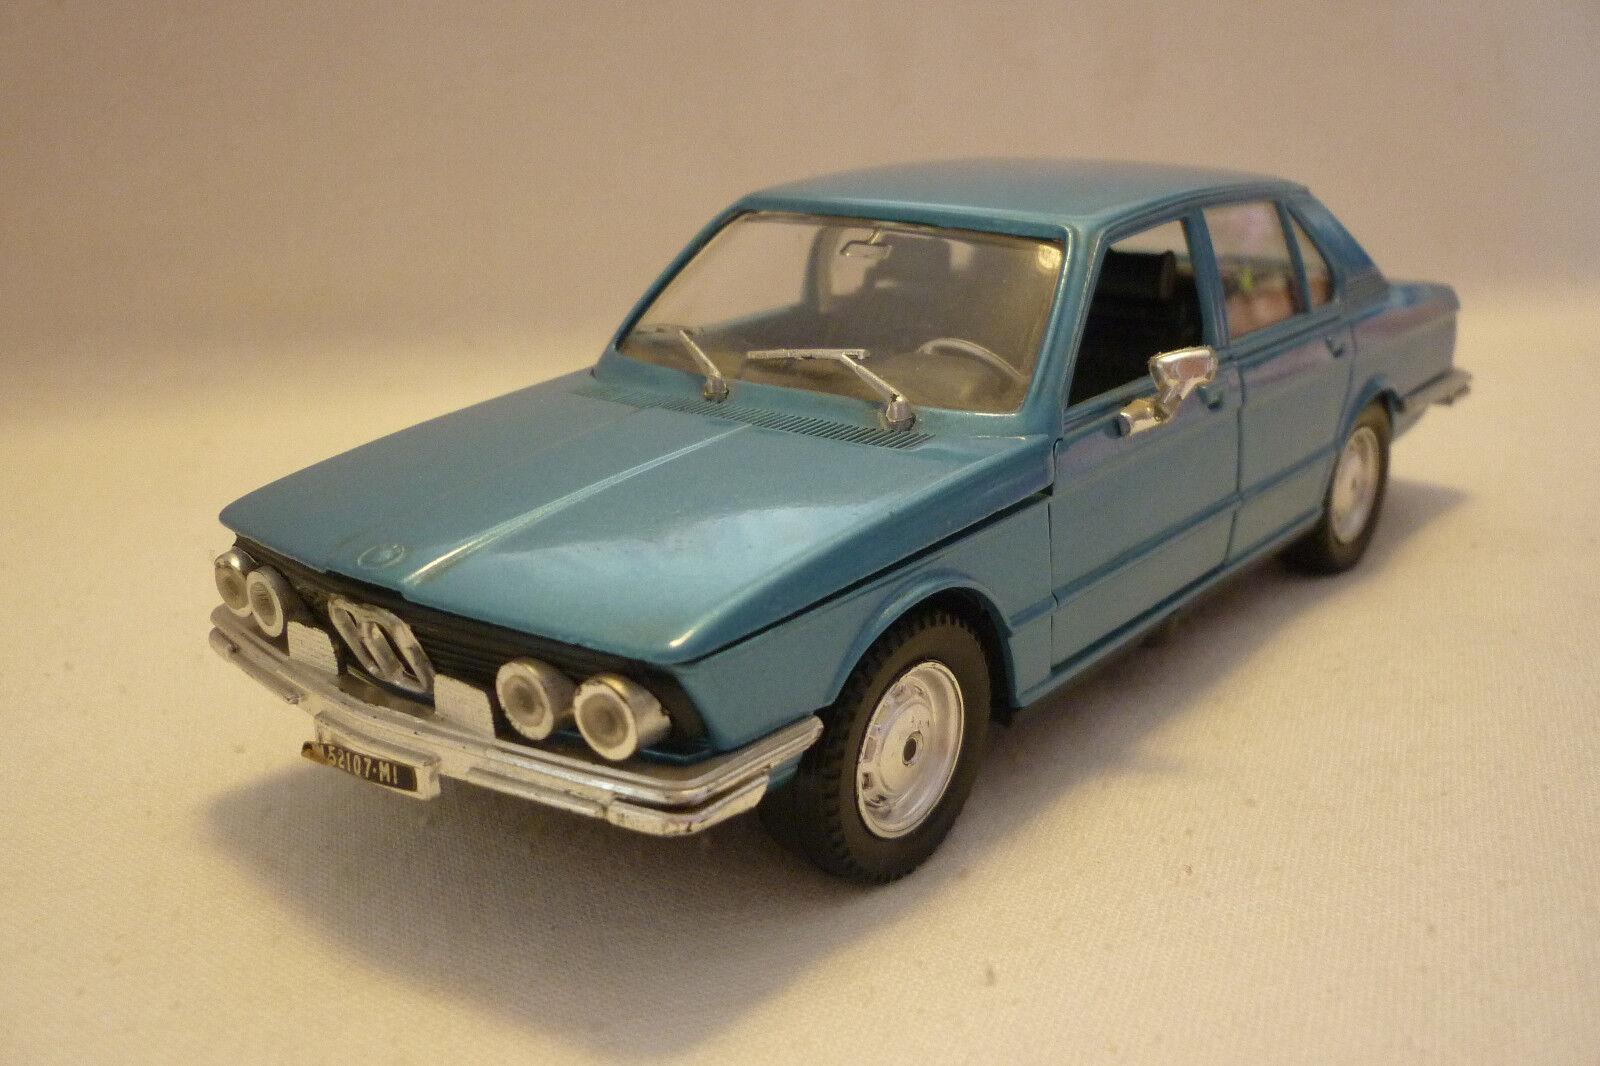 Polistil S 88 - Metal Model - BMW 525 Berlina 1 24 1 25 (5.div-15)